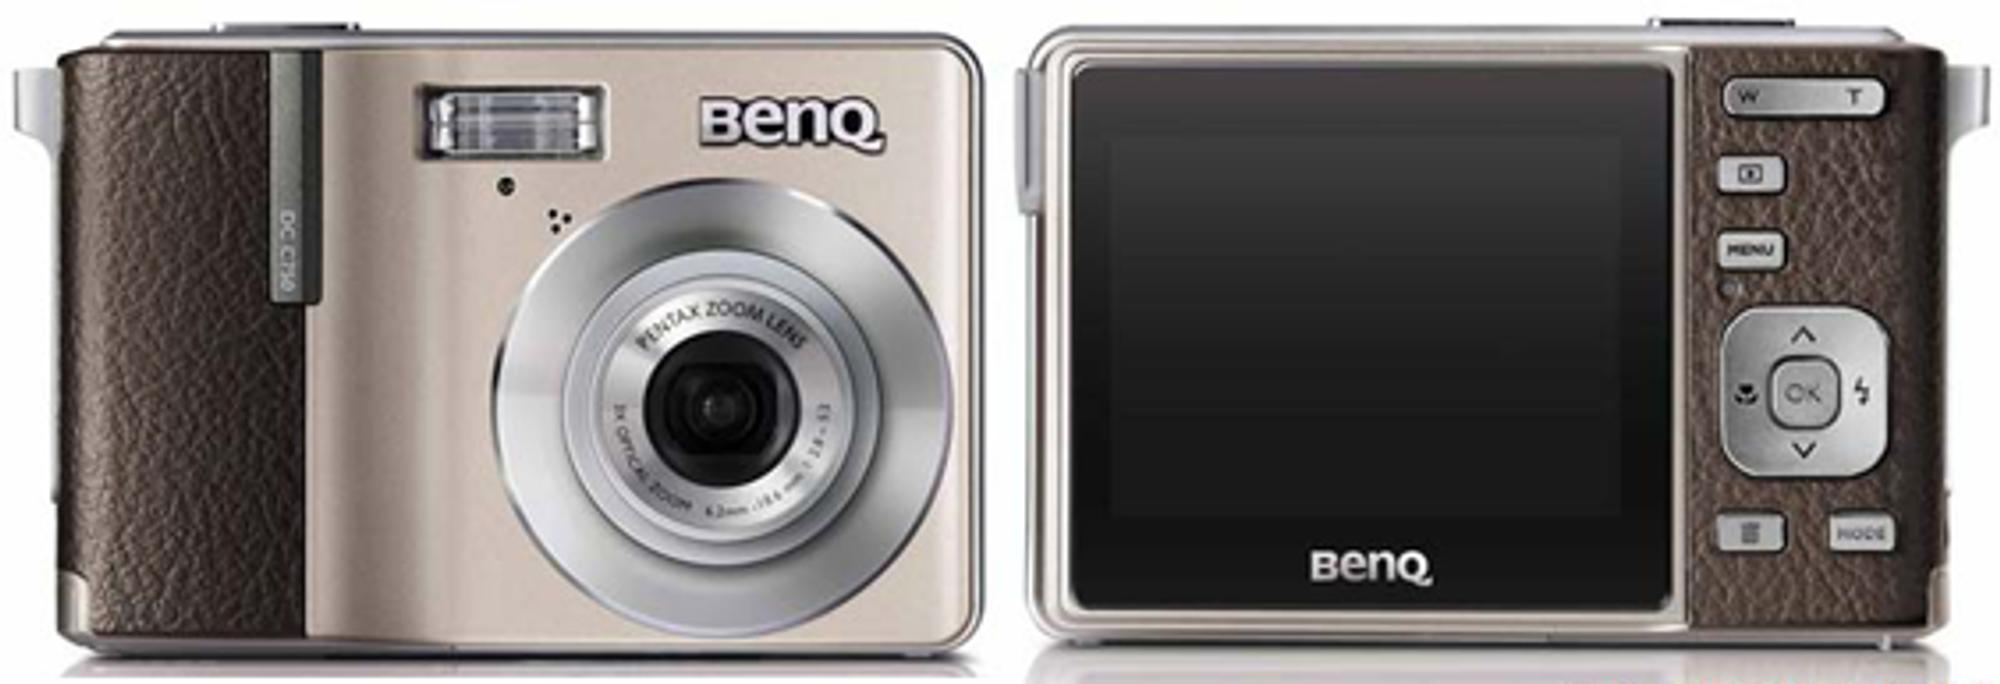 Benq C750